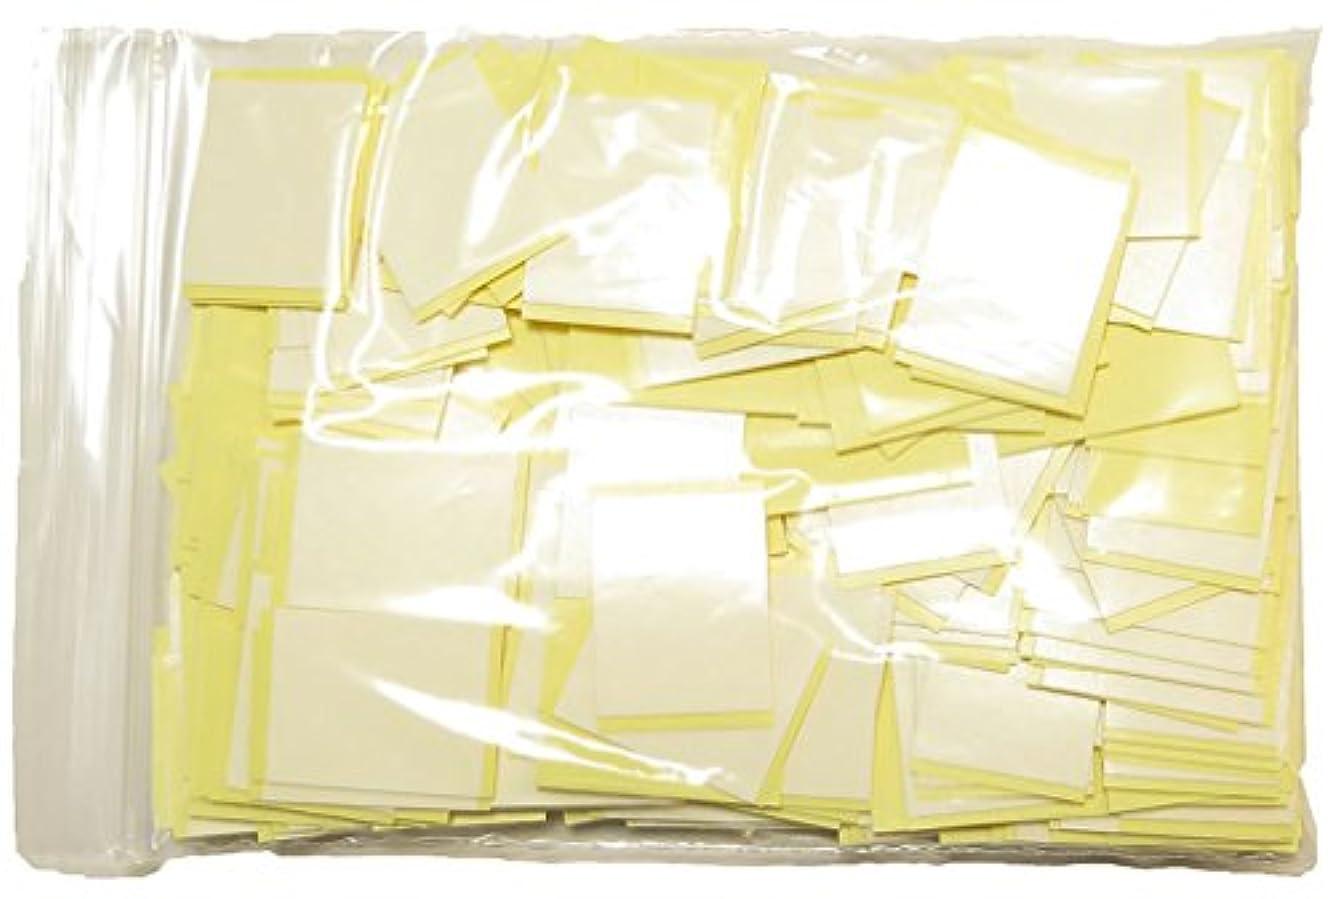 先祖キャンセルモート《アイデア商品》2㎝カット約300枚両面テープ